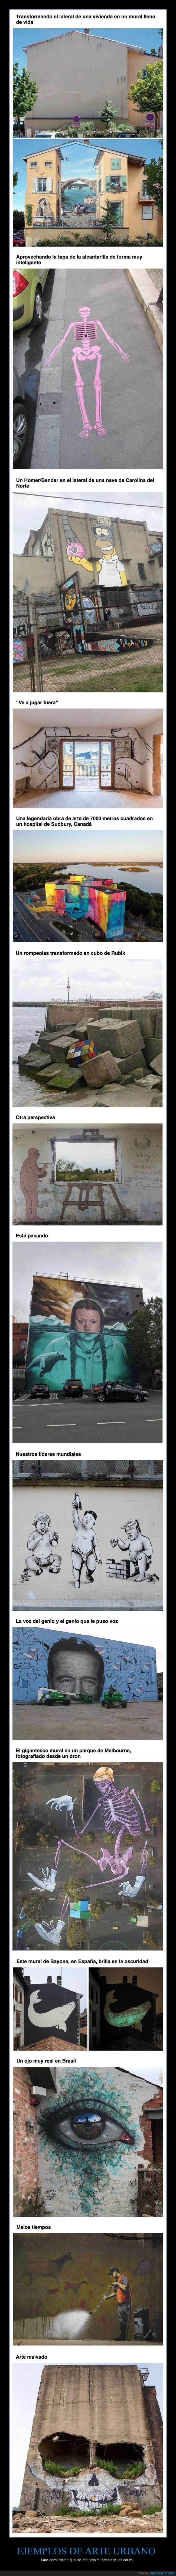 arte,arte urbano,calles